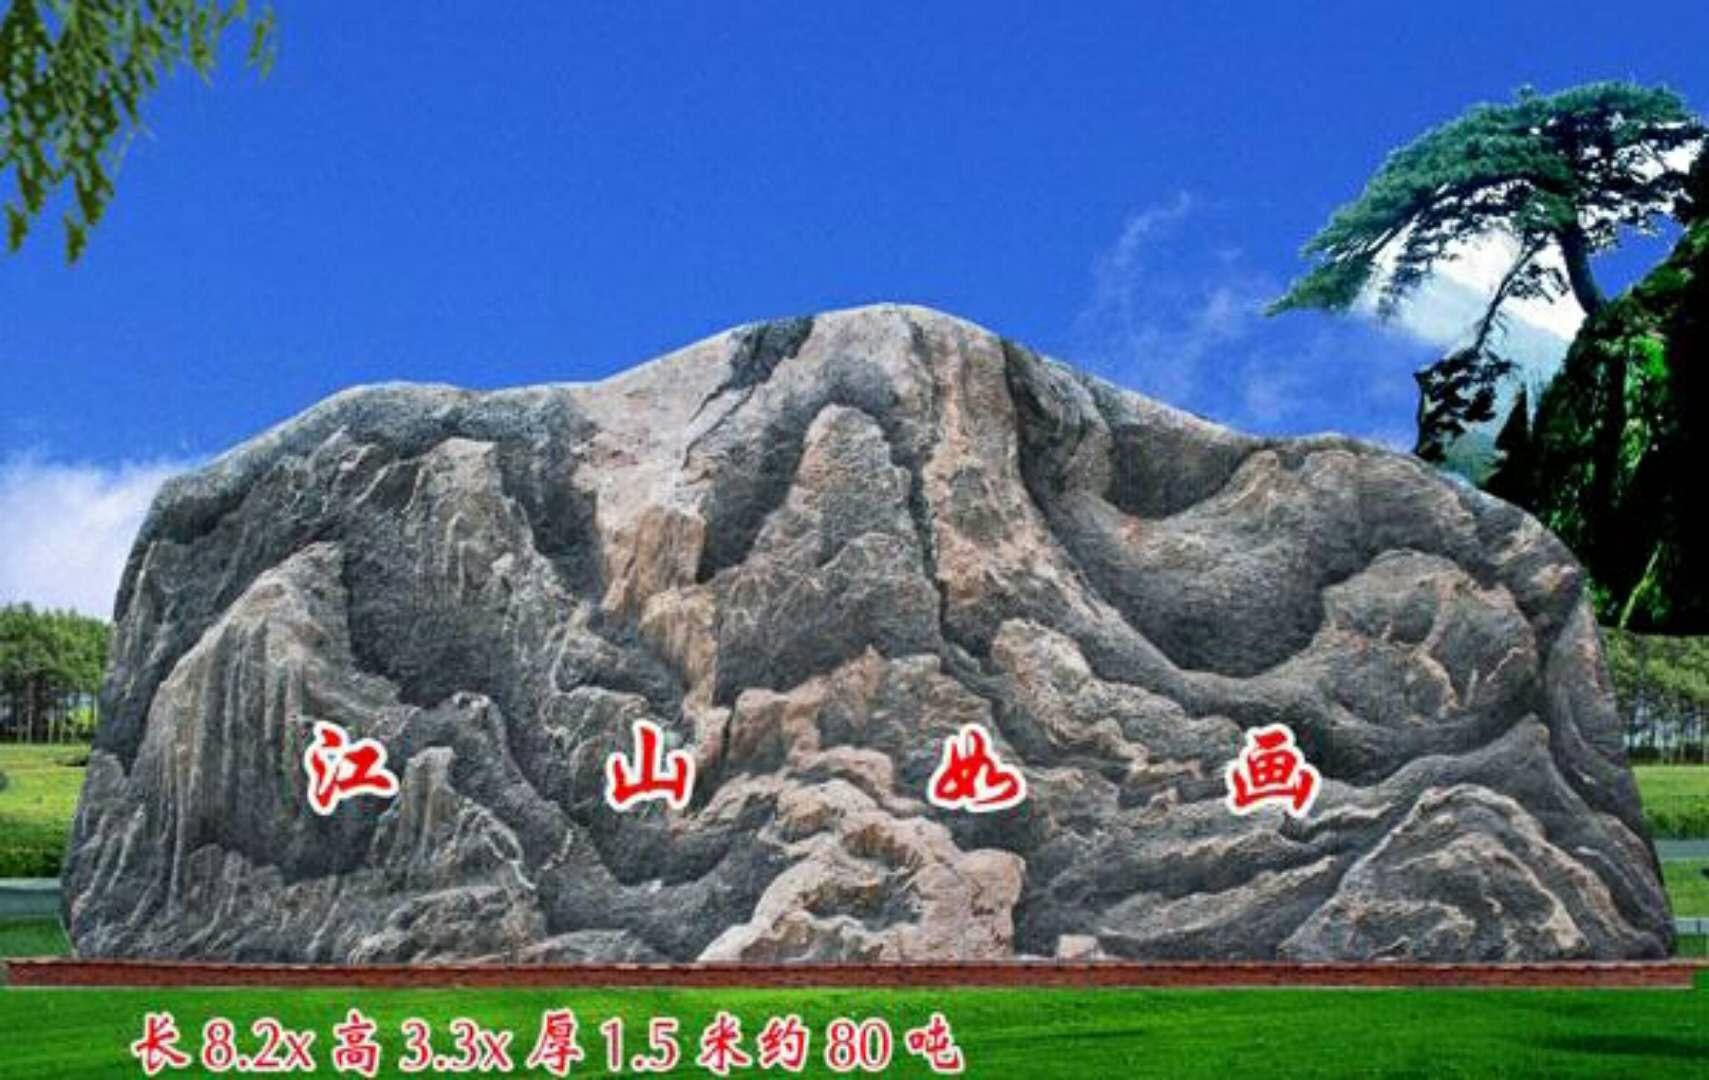 泰山景观石  泰山大型奇石-新蒲京1155